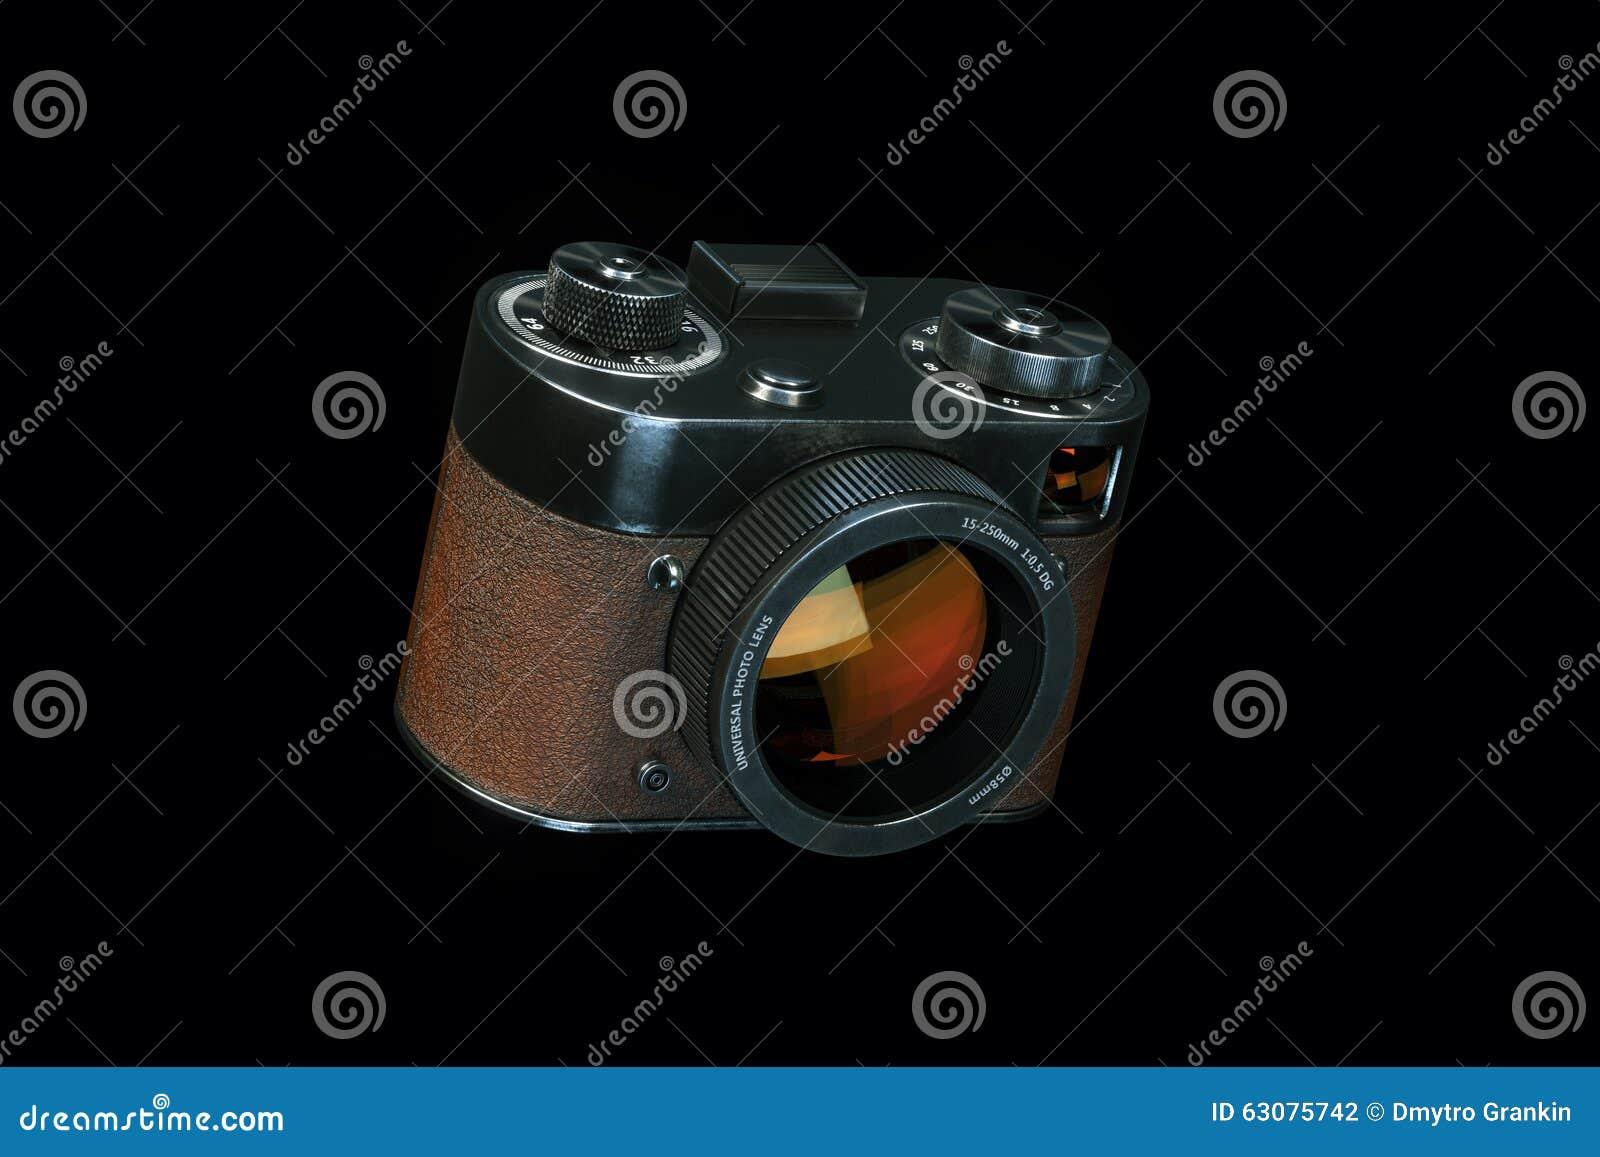 Download Le Rétro Appareil Photo Numérique De Style D'isolement Sur Le Fond Noir Laissé Luttent Illustration Stock - Illustration du matériel, rétro: 63075742